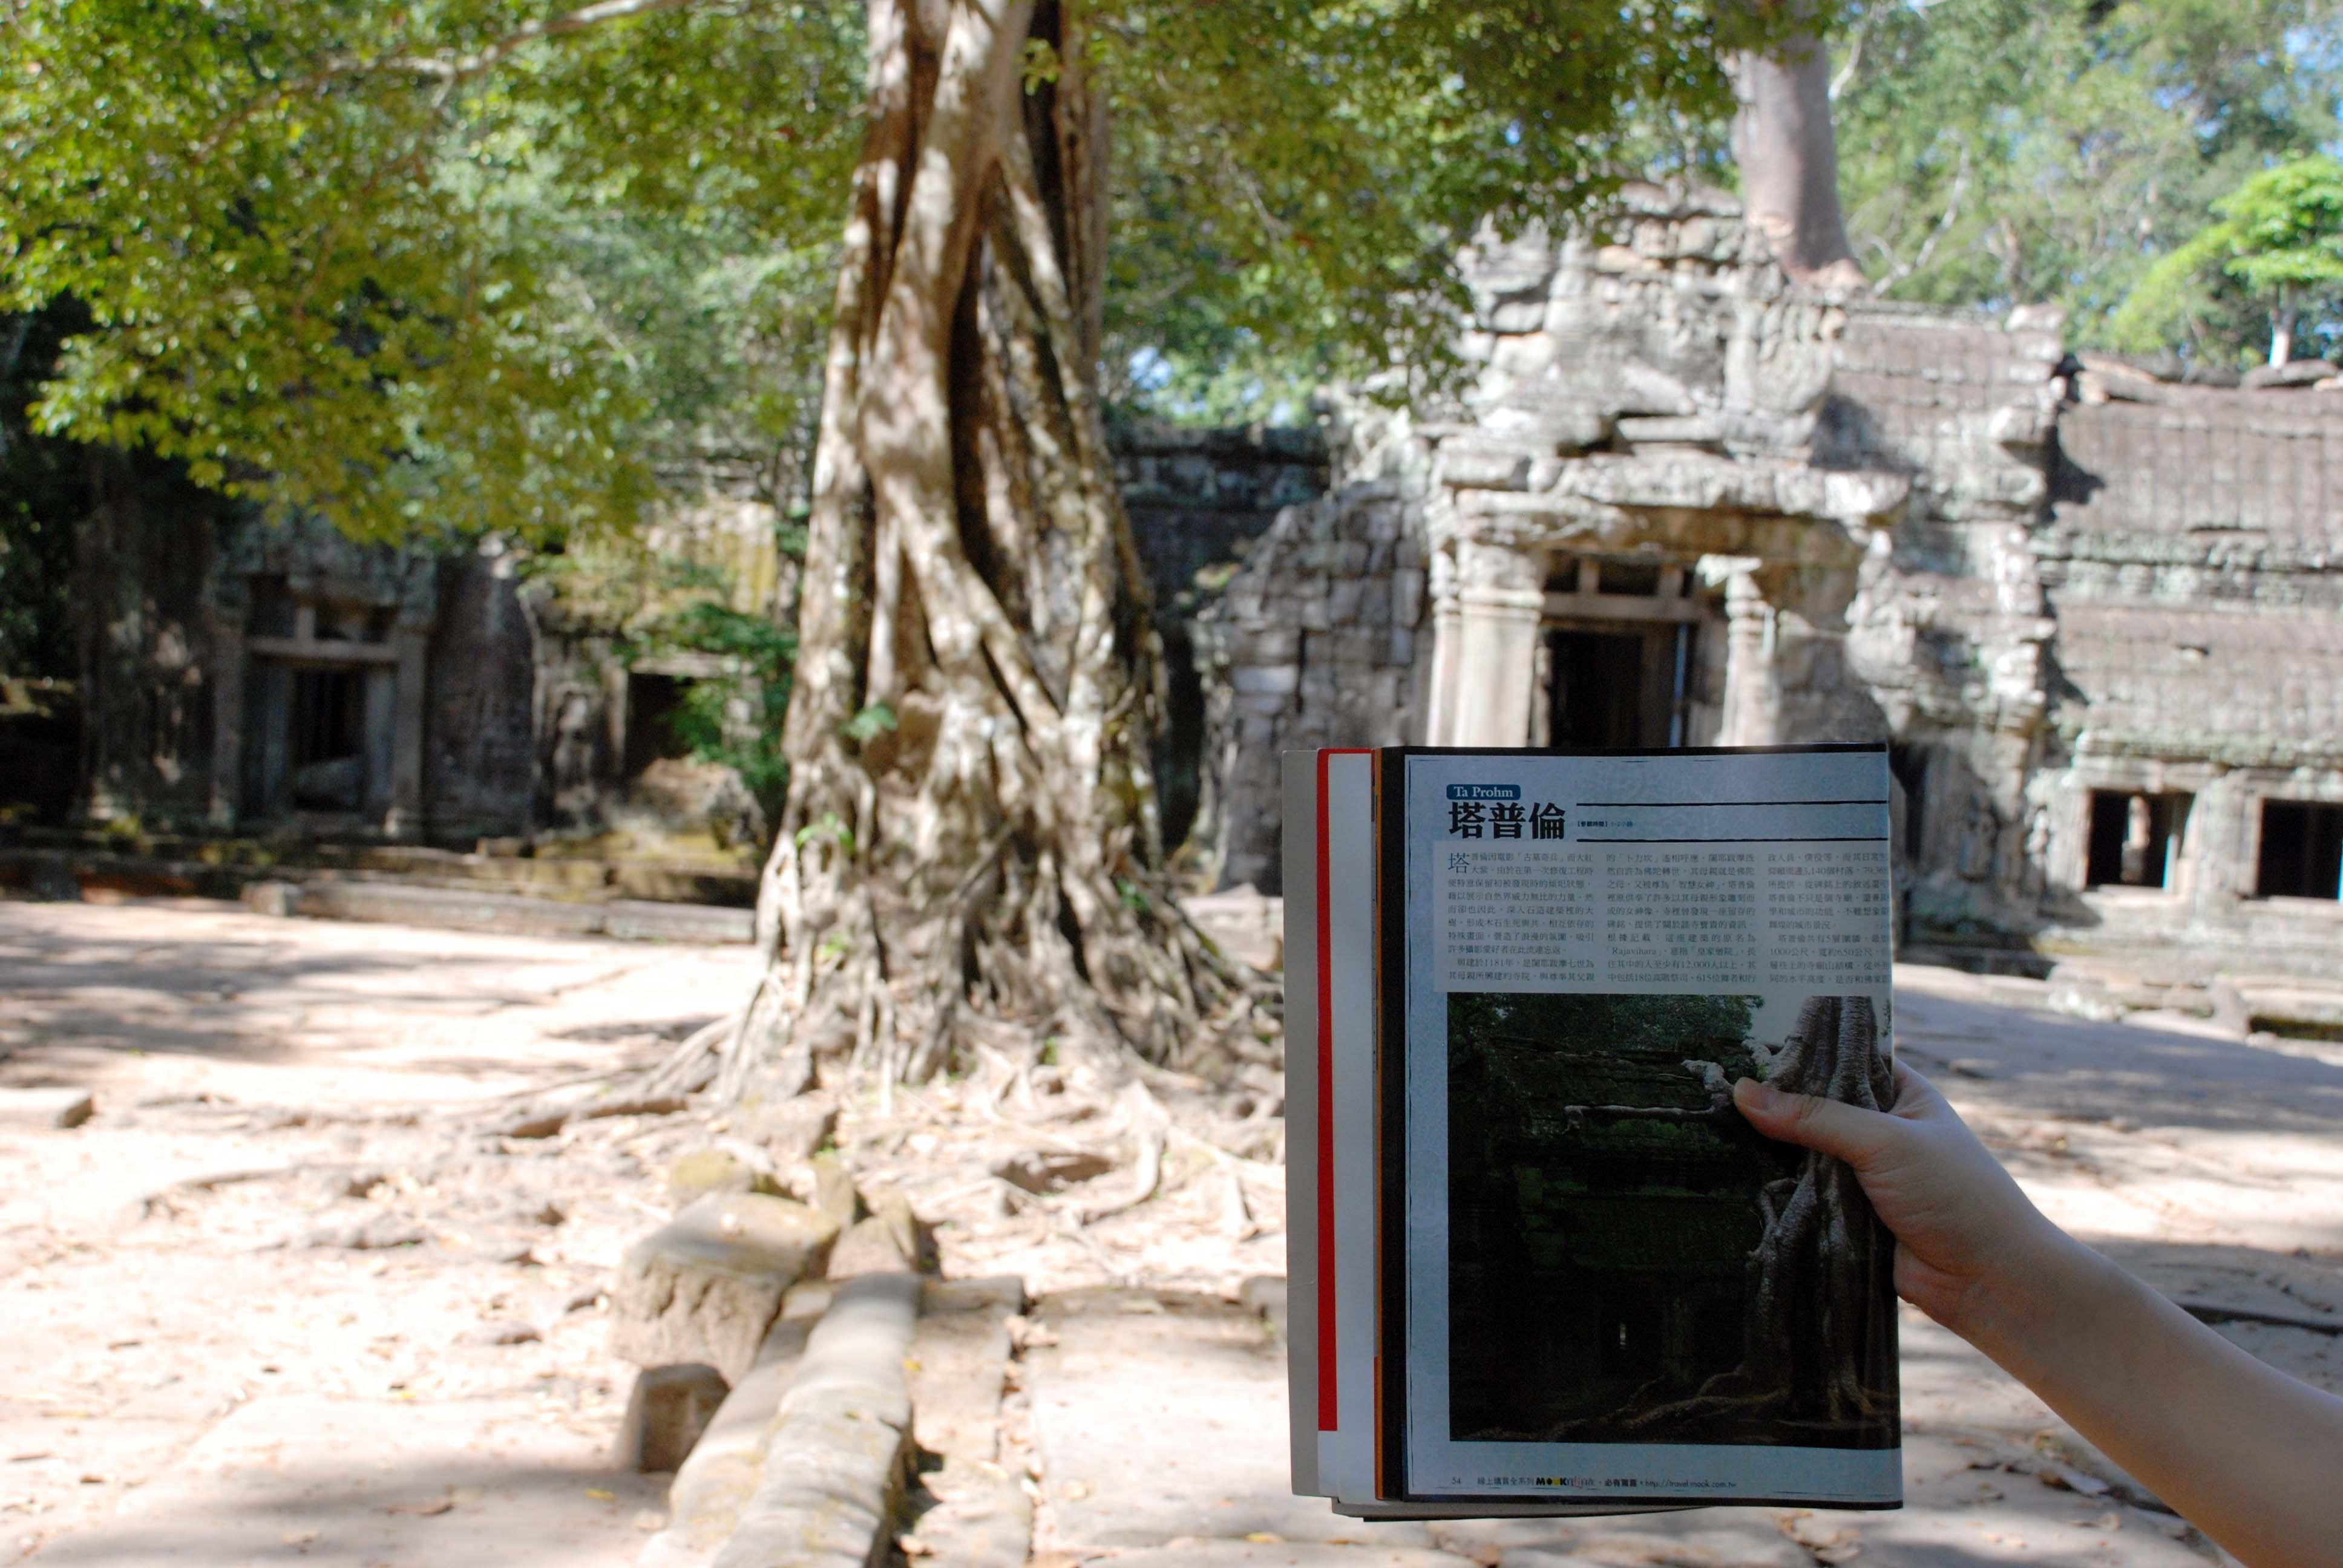 參觀不同景點前 用旅遊書章節區分建築照片 (Photo / Ran)